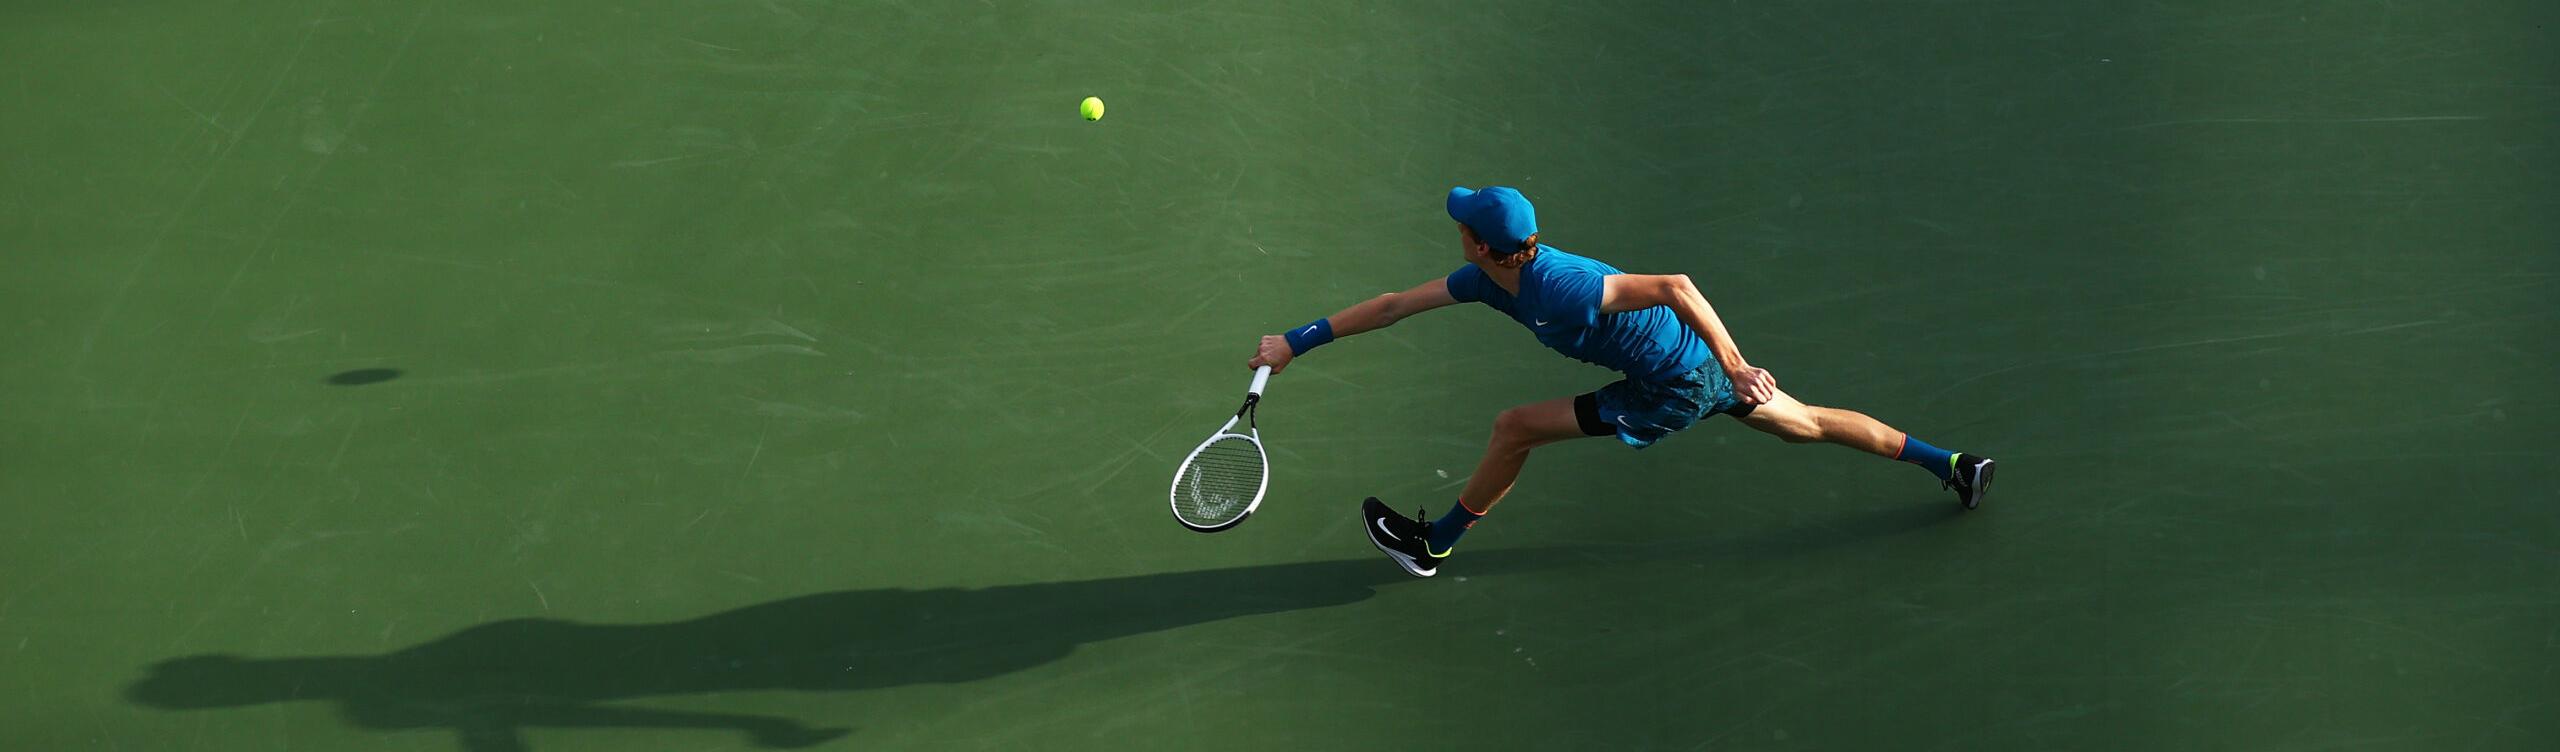 Sinner-Bautista Agut: quote e pronostico per la semifinale del Miami Open